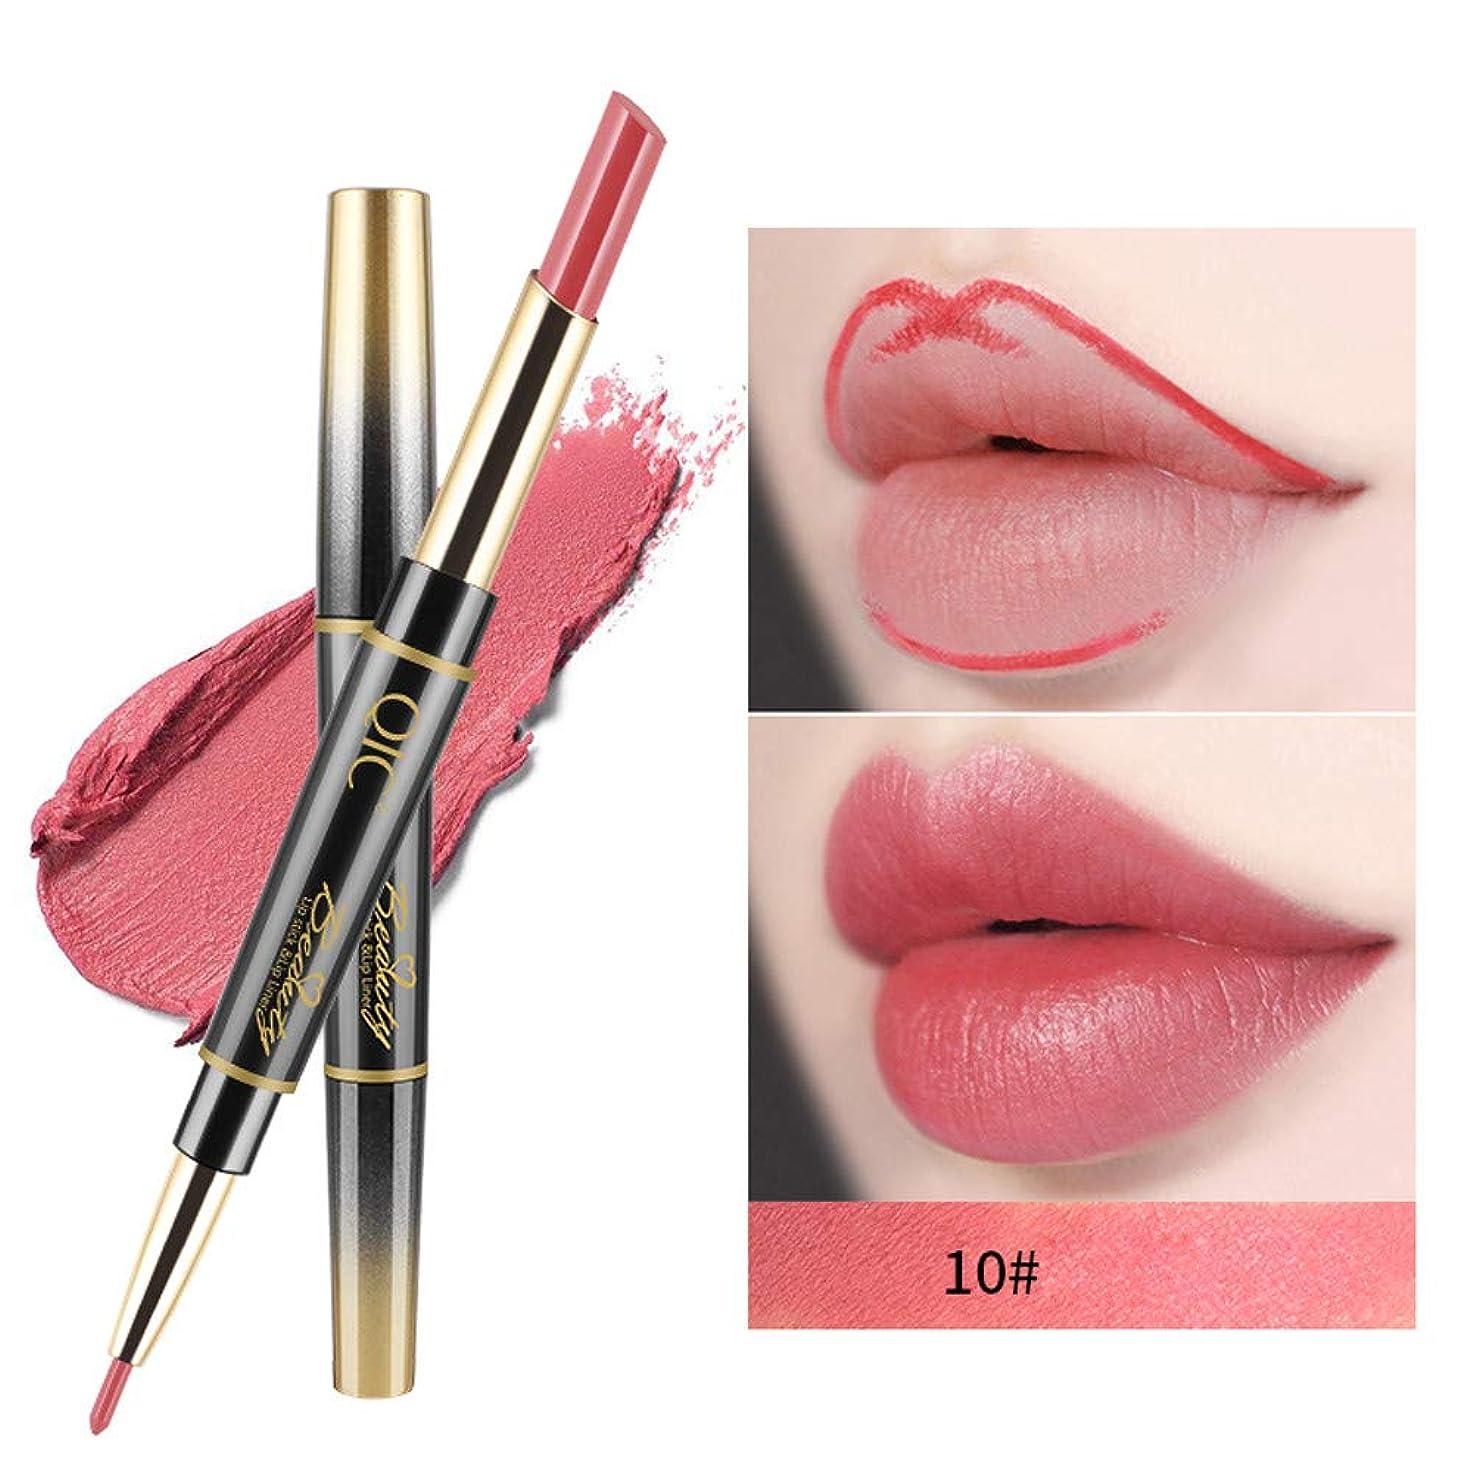 リップスティック ペンシル 14色 ダブルエンド リップクリーム ラスティング リップバーム リップライナー 防水 口紅 リップライナー 唇に塗っっていつもよりセクシー魅力を与えるルージュhuajuan